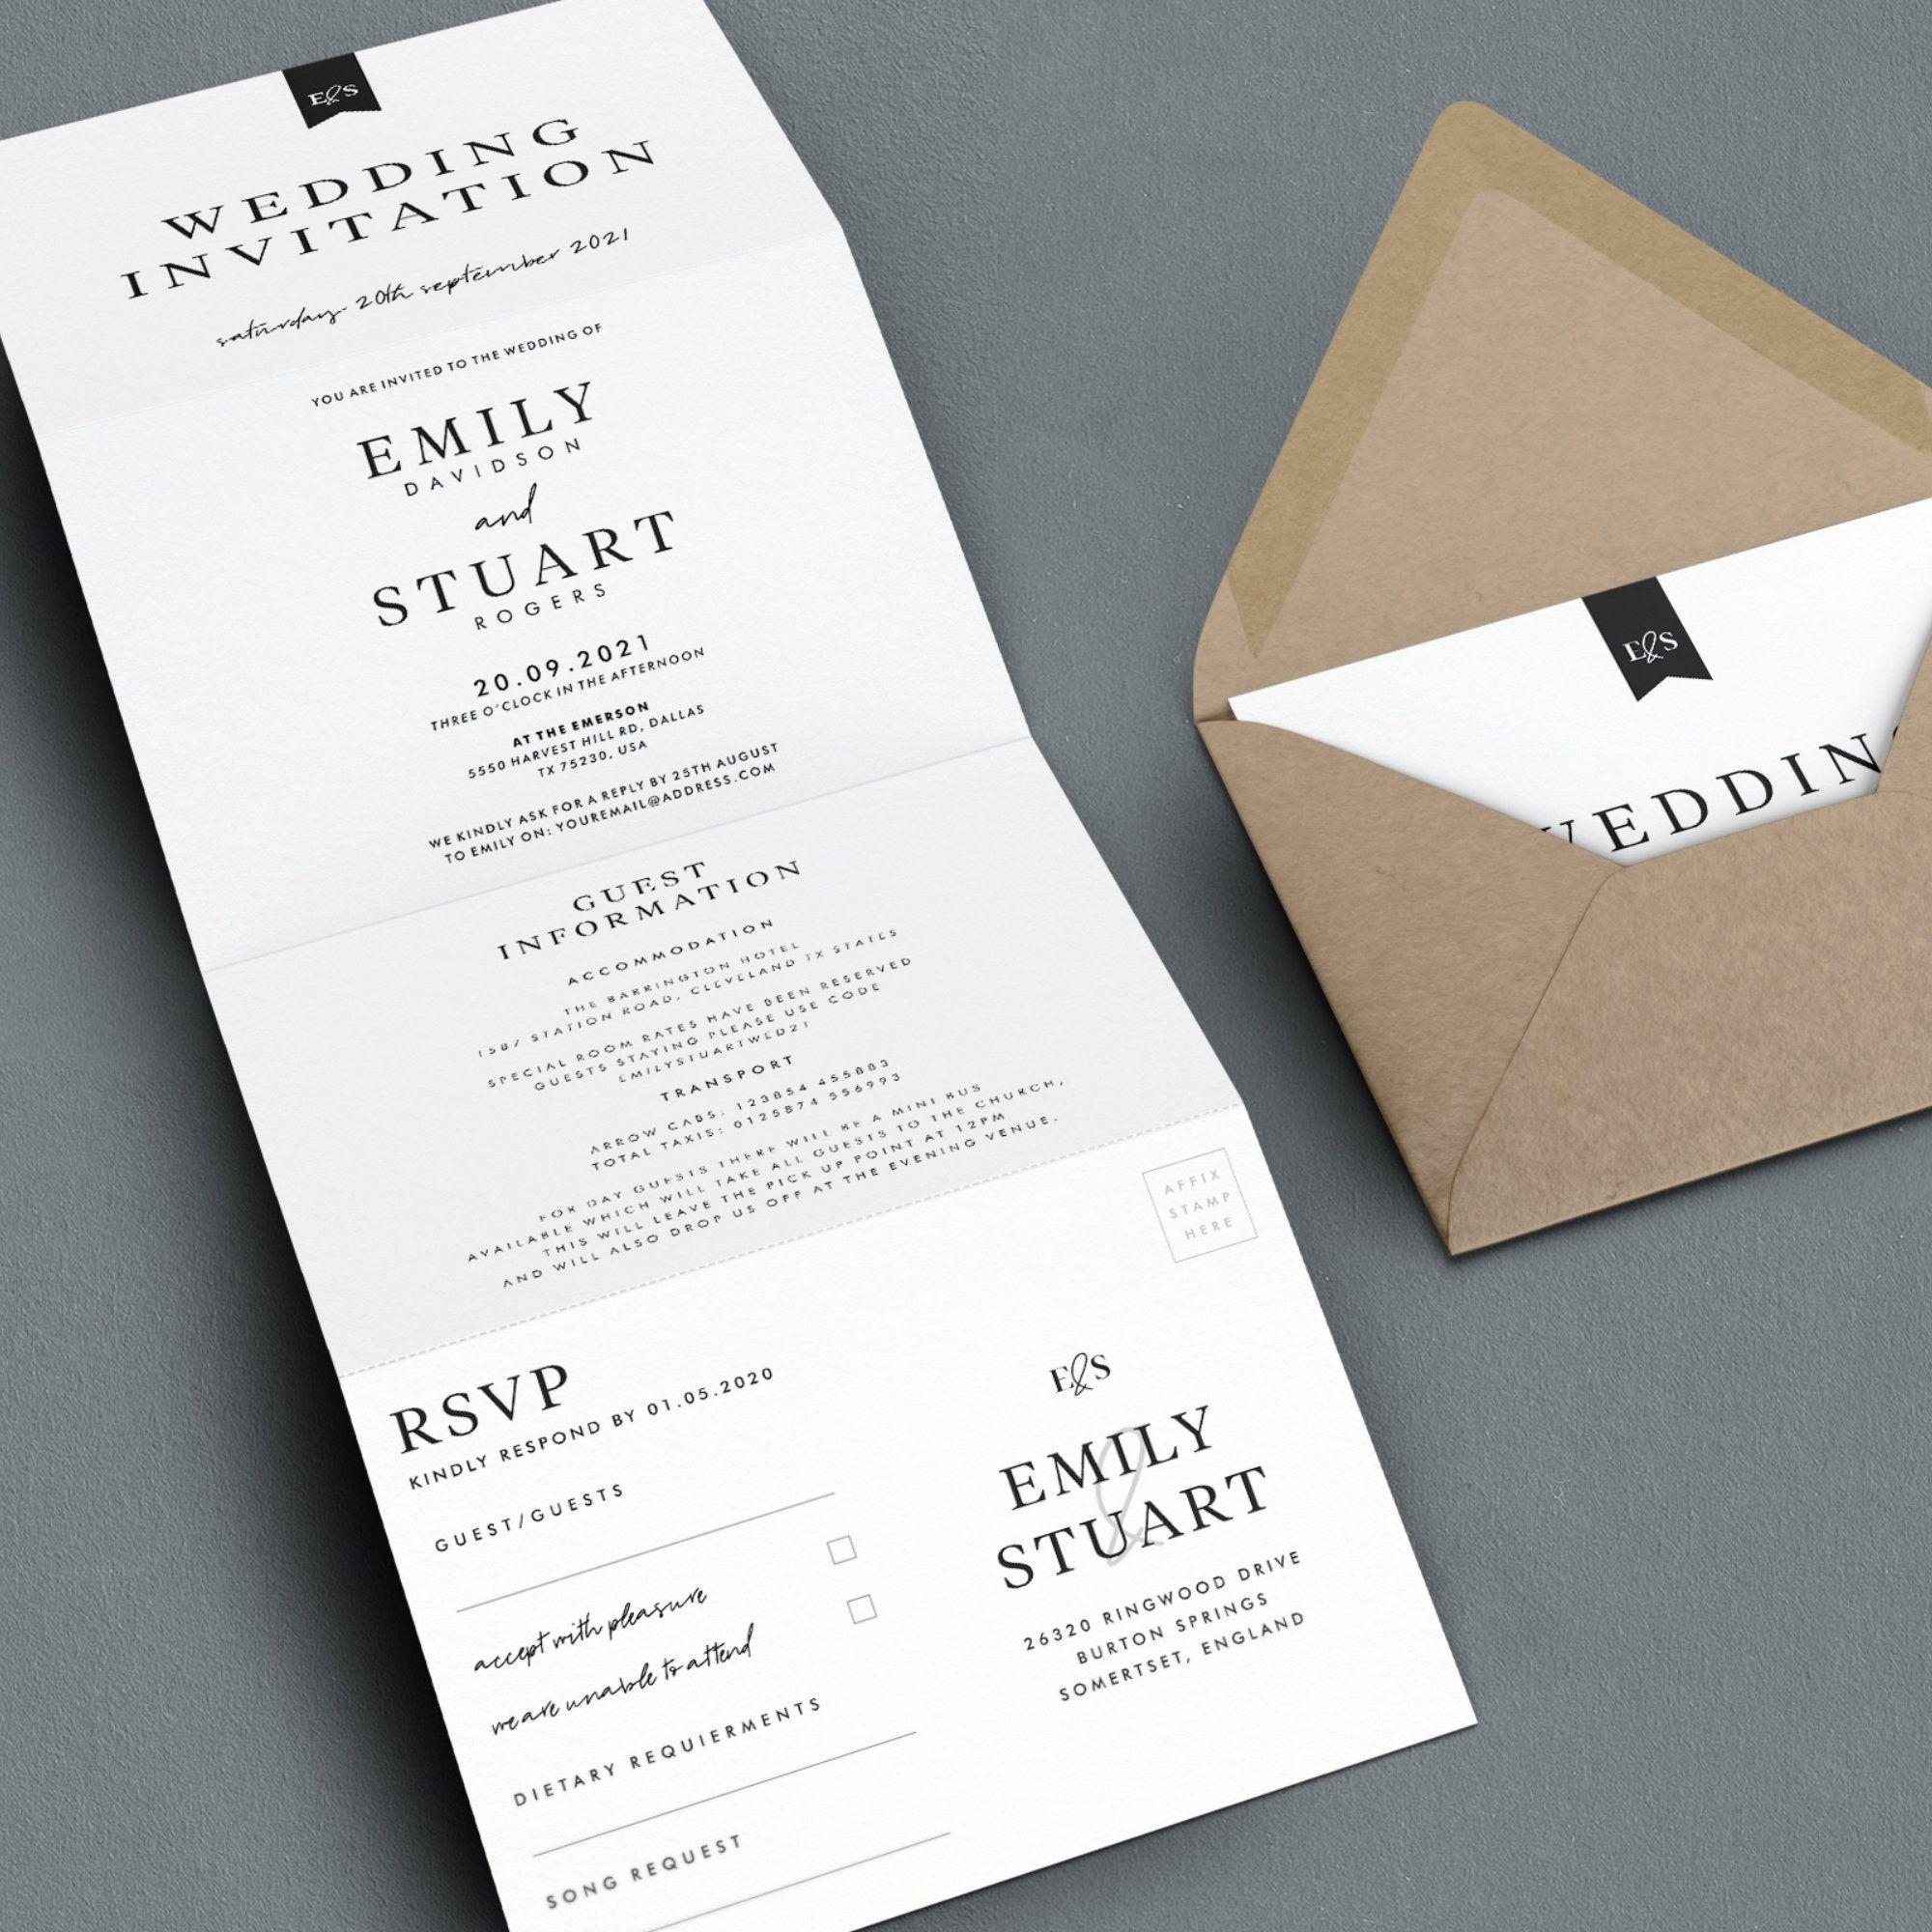 Wedding Invitation All In One Wedding Invite Simple Wedding Etsy In 2020 Folded Wedding Invitation Wedding Invitations Rsvp Simple Wedding Invitations